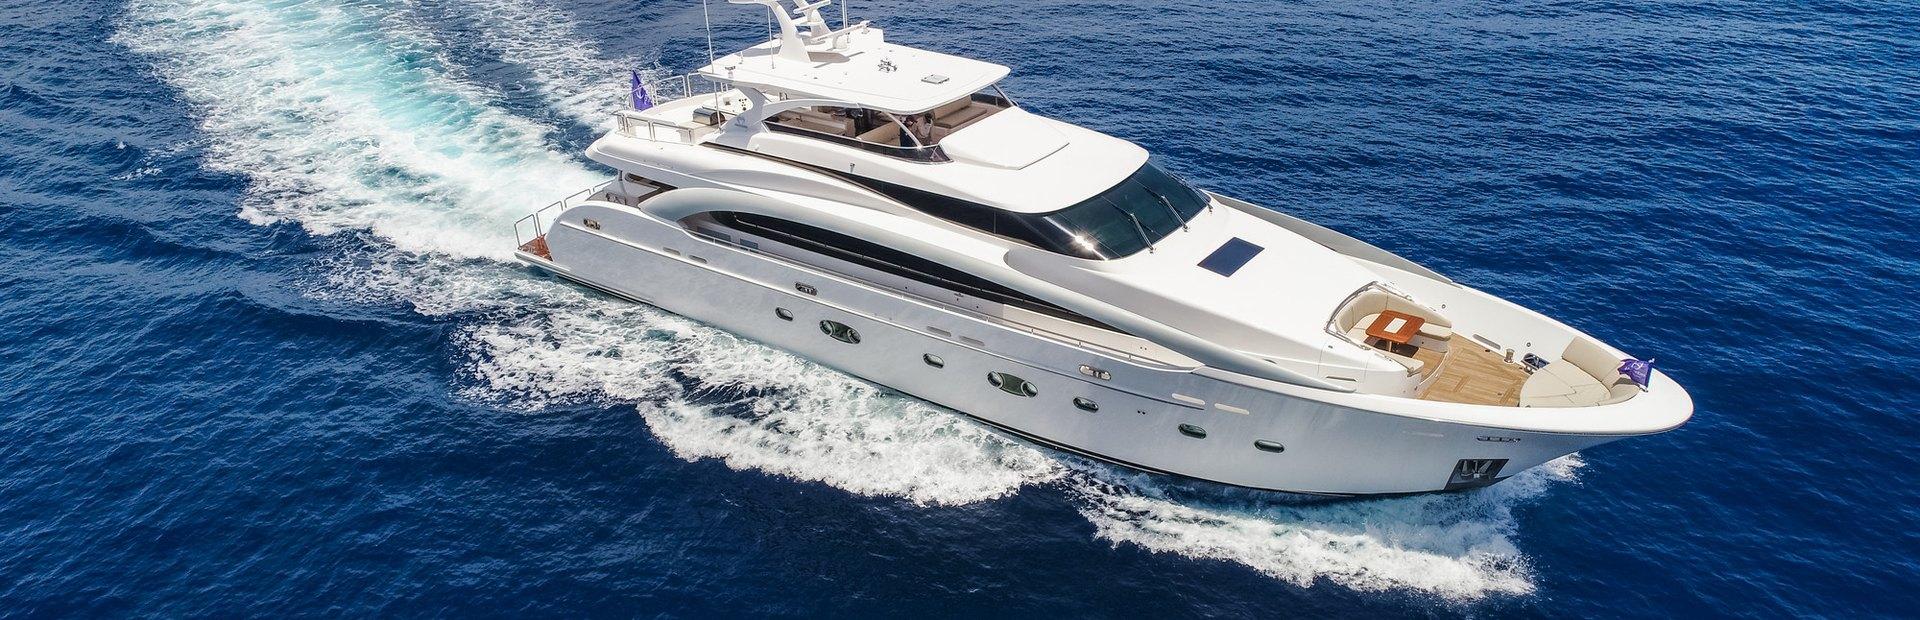 RP110 Yacht Charter